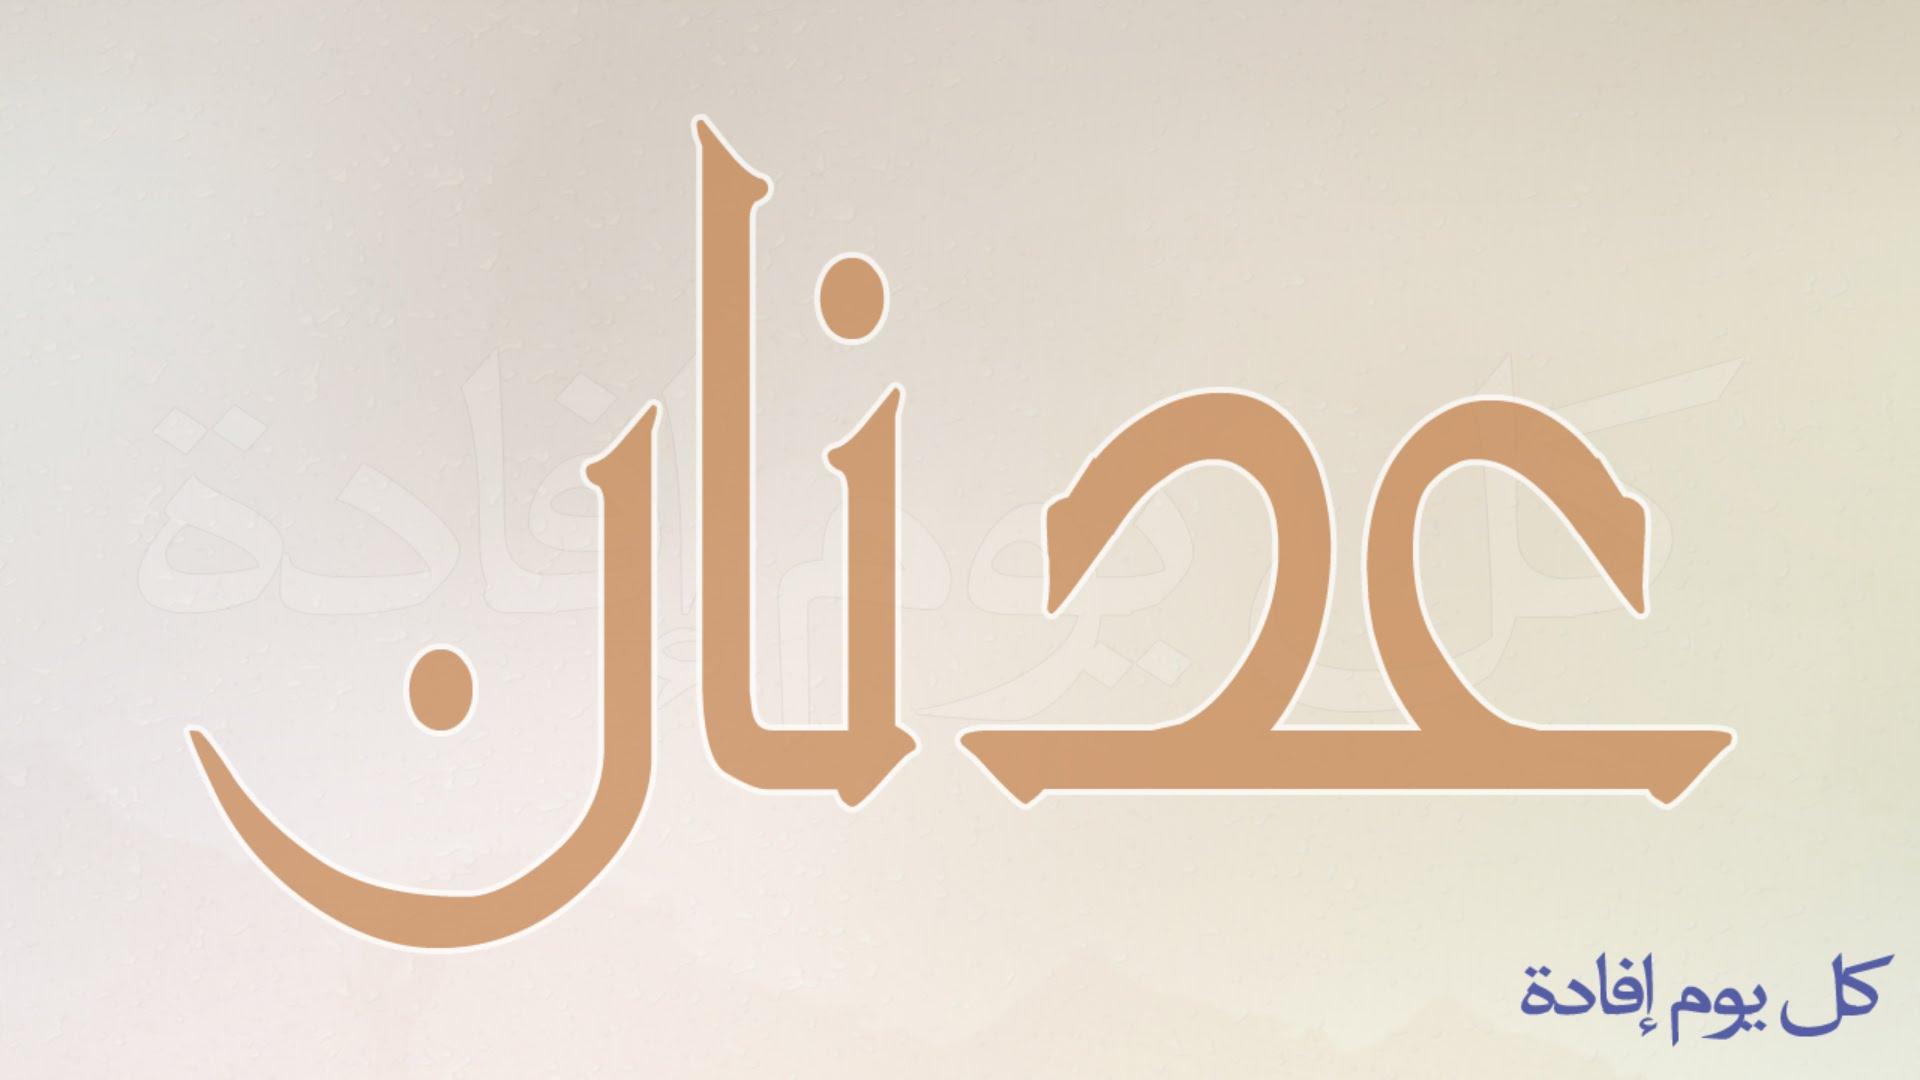 بالصور معنى اسم عدنان , تفسير اسم عدنان 141 2